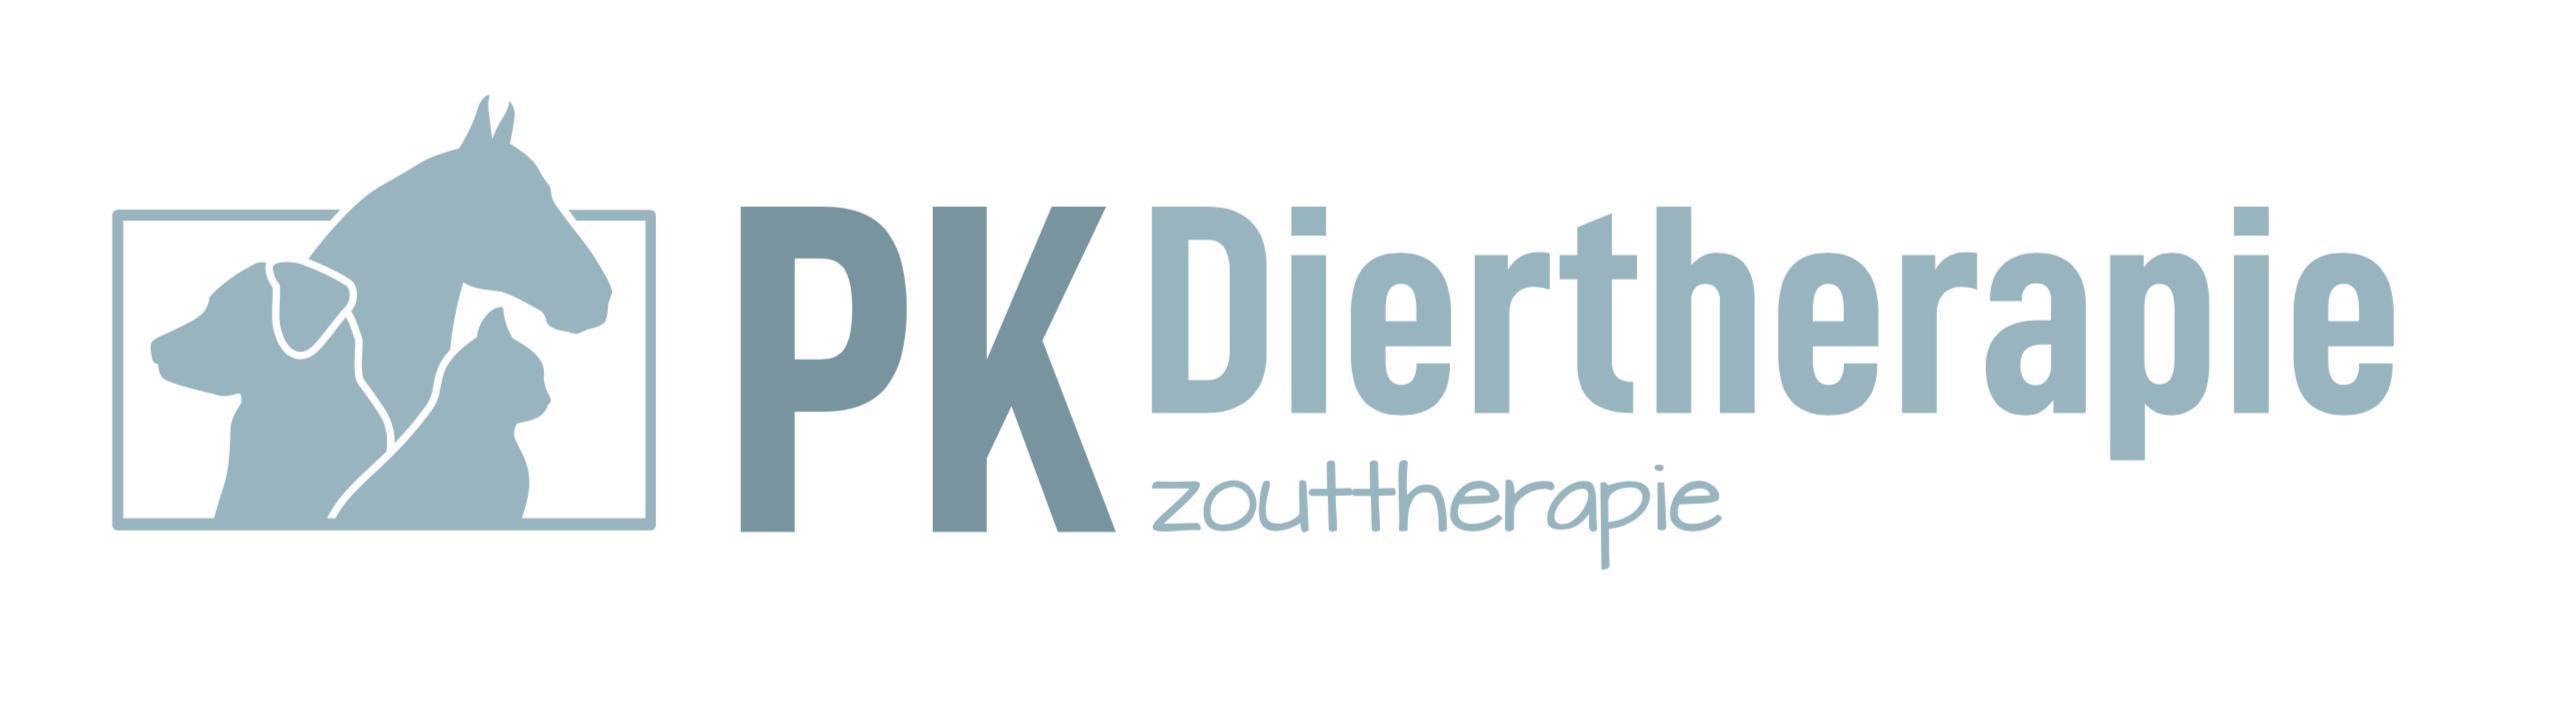 PK Diertherapie